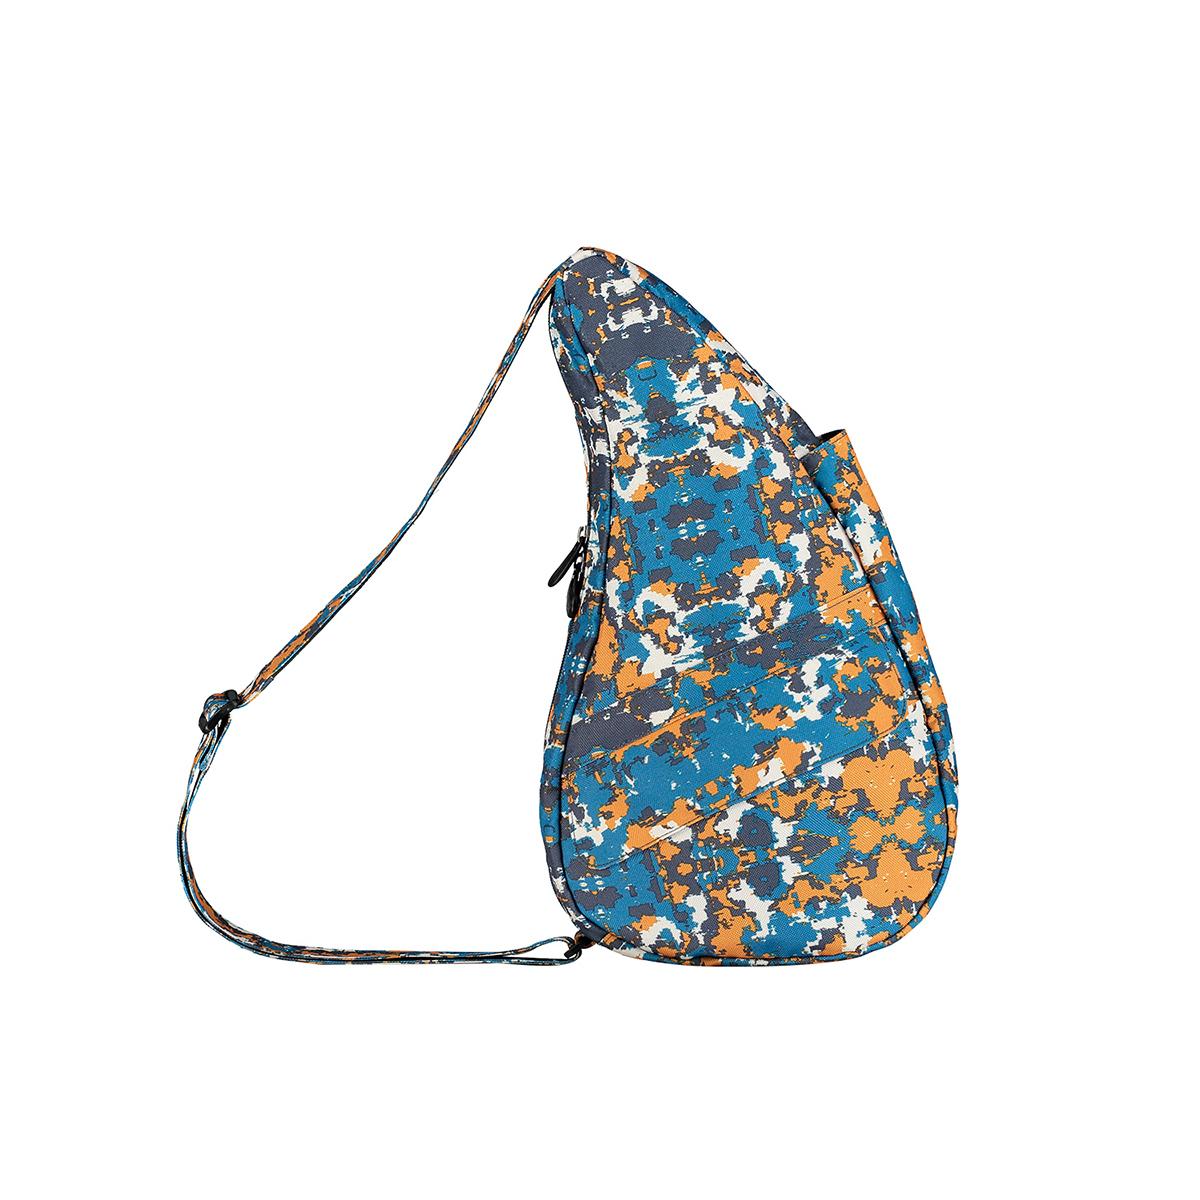 Healthy Back Bag/ヘルシーバックバッグ/ショルダーバッグ/ボディバッグ/旅行バッグ/軽量/レディース/メンズ 公式ストア ヘルシーバックバッグ プリント Sサイズ インダストリアルエボリューション ディープスカイ